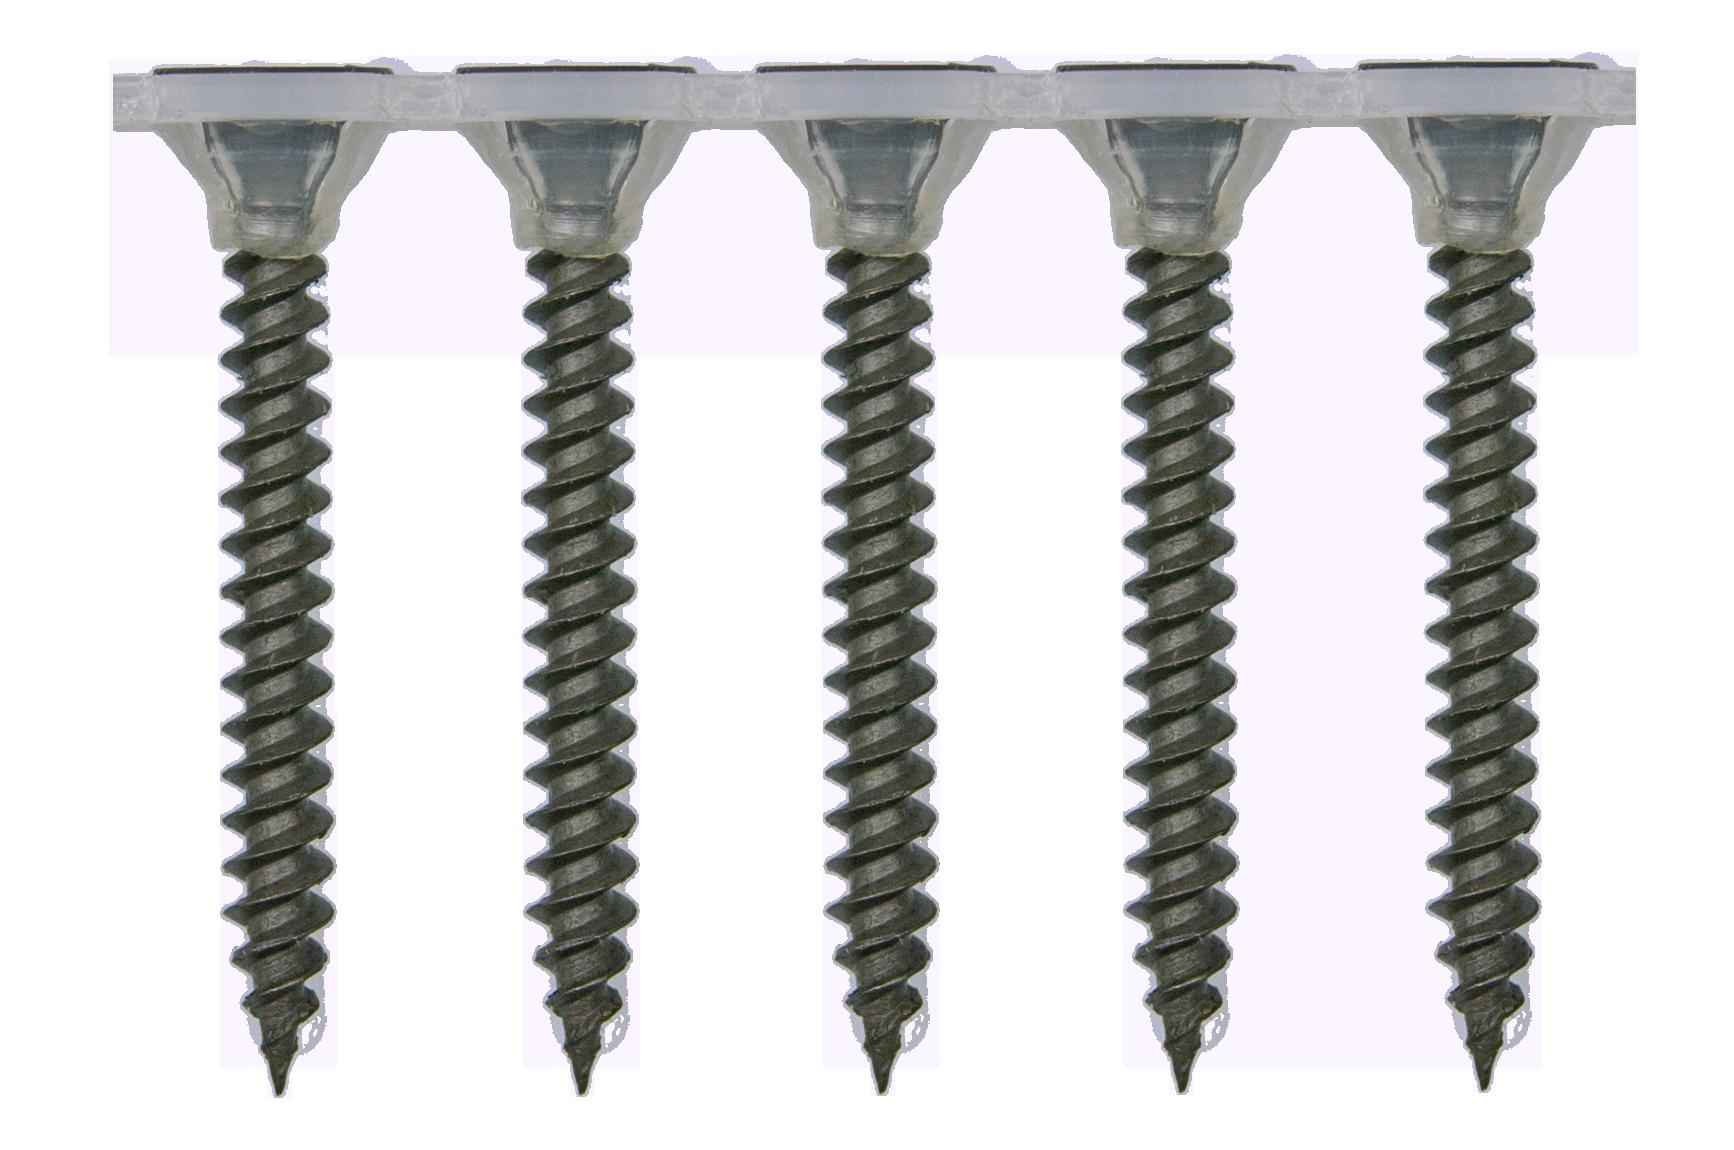 Schnellbauschraube Gipskartonschraube  35 mm Feingewinde 1000 Stück